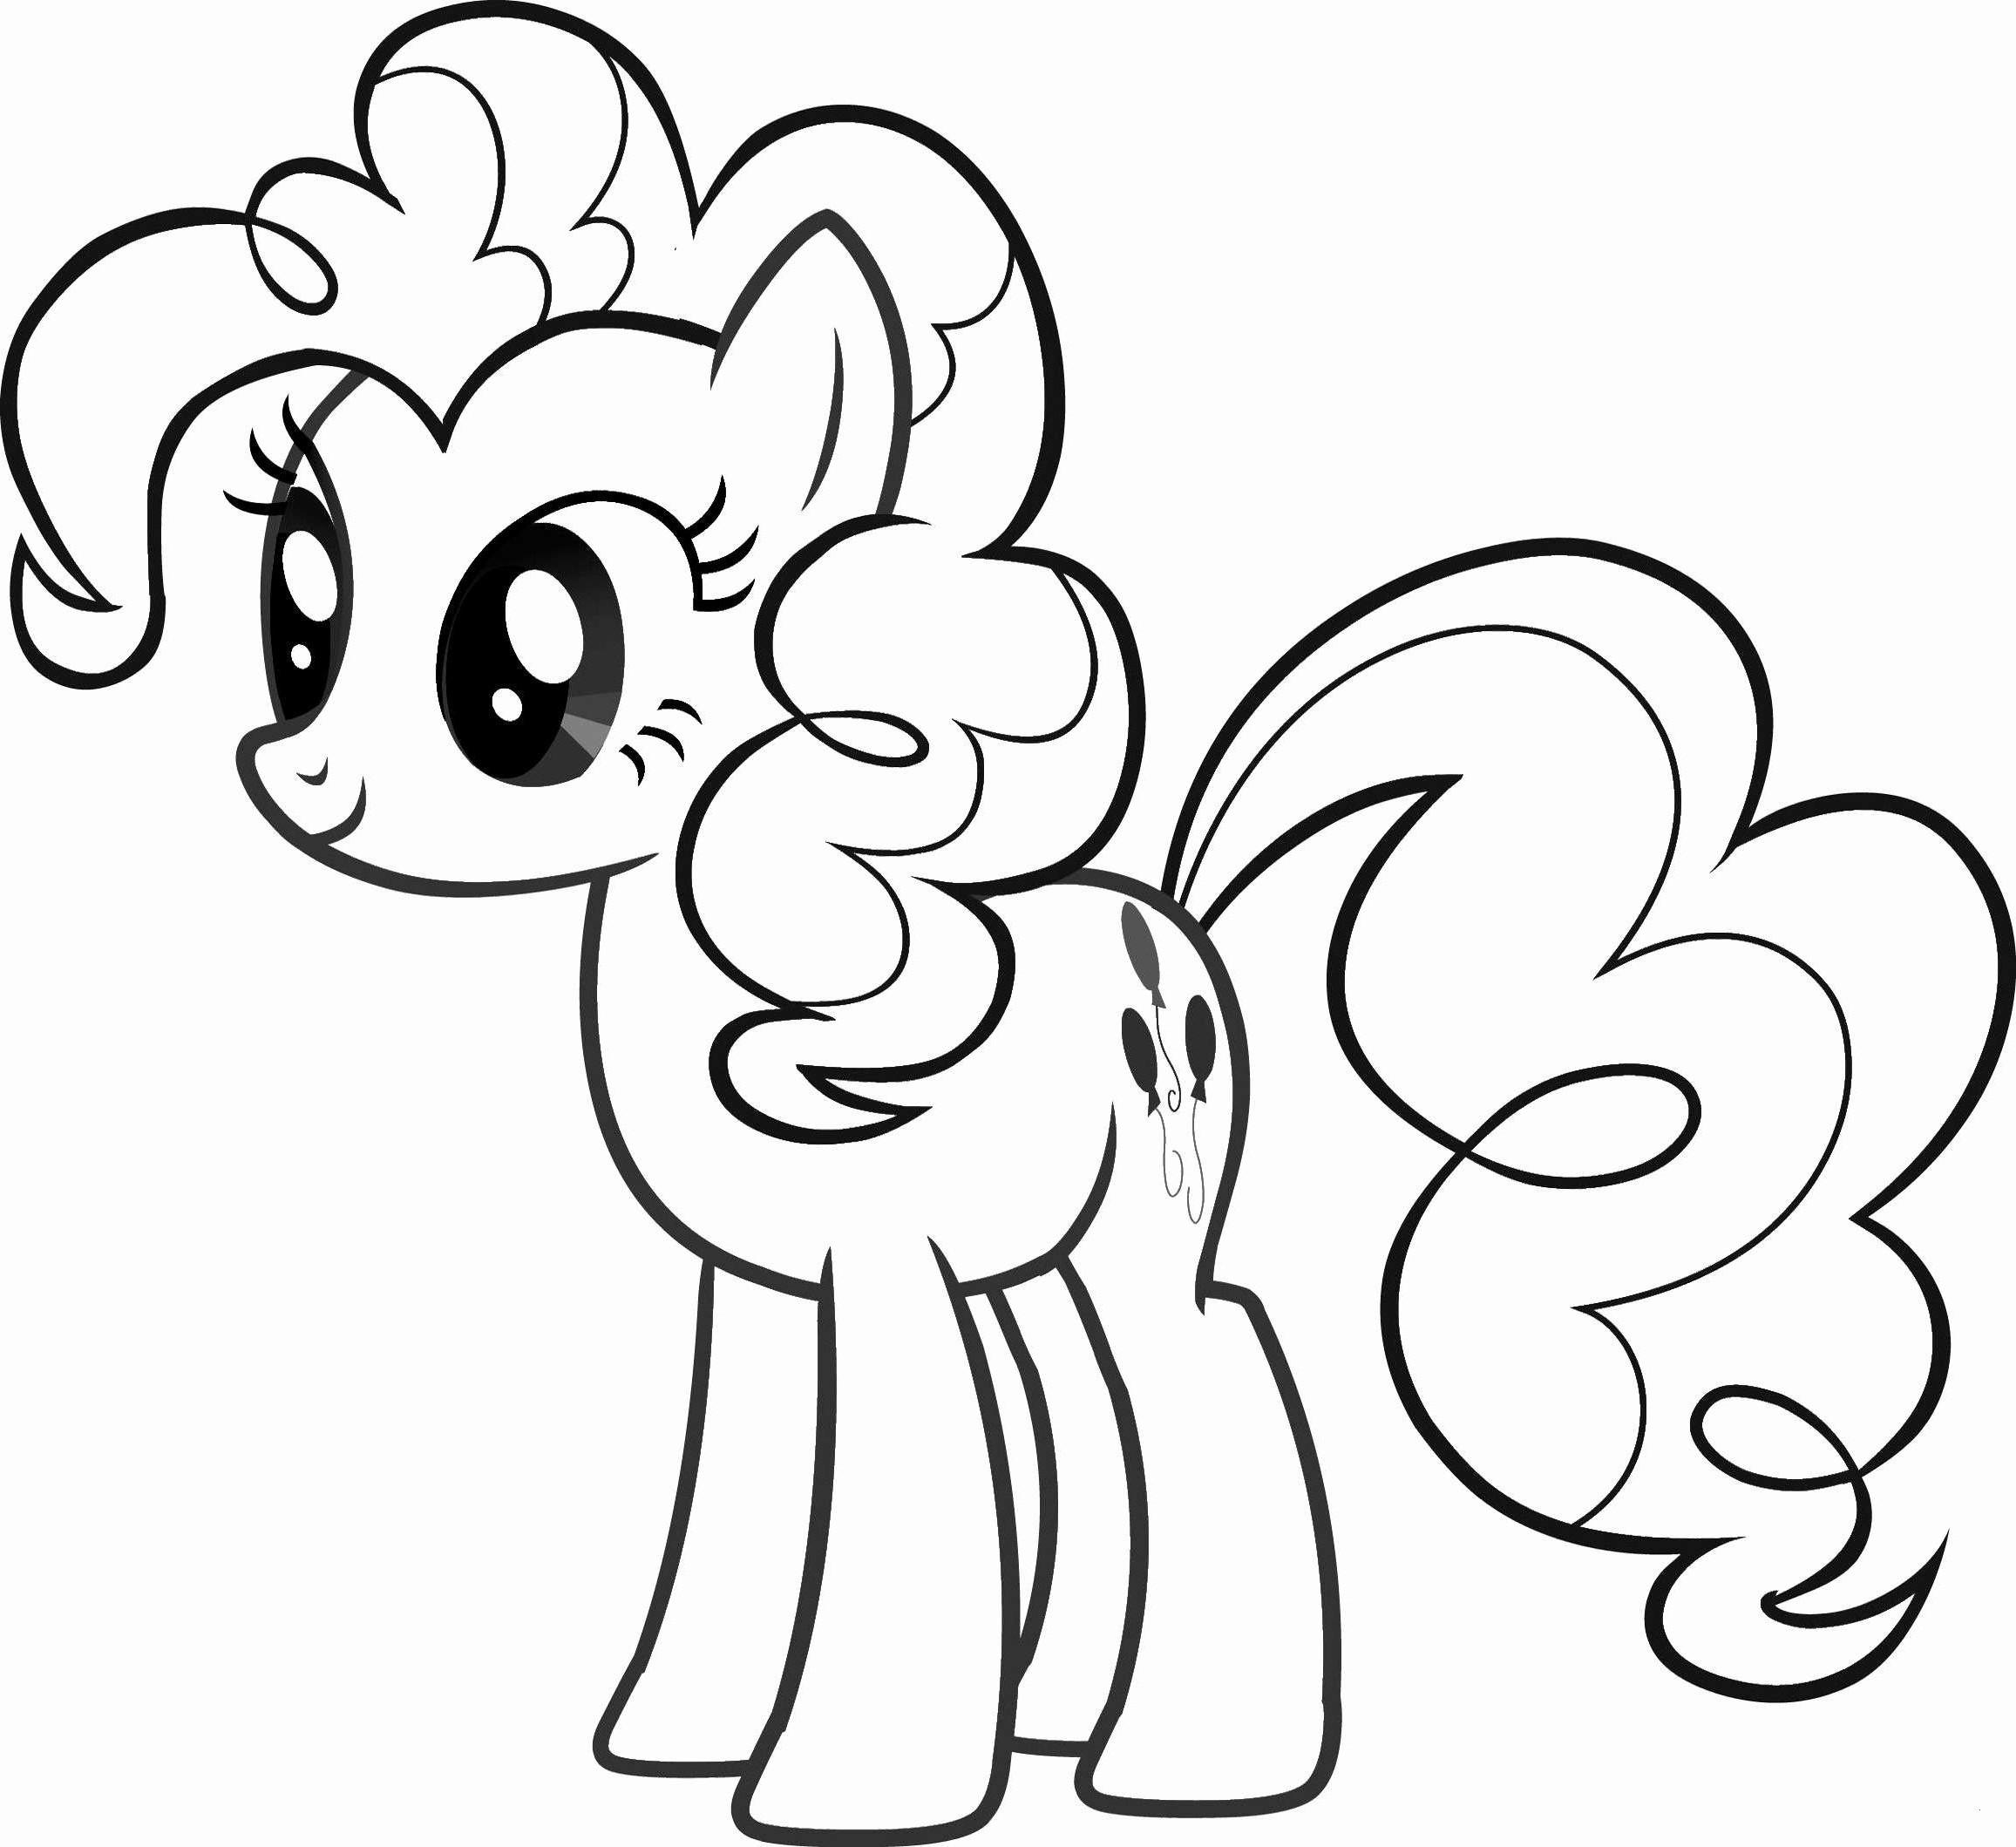 My Little Pony Ausmalbild Das Beste Von 29 Luxus My Little Pony Ausmalbild – Malvorlagen Ideen Bild